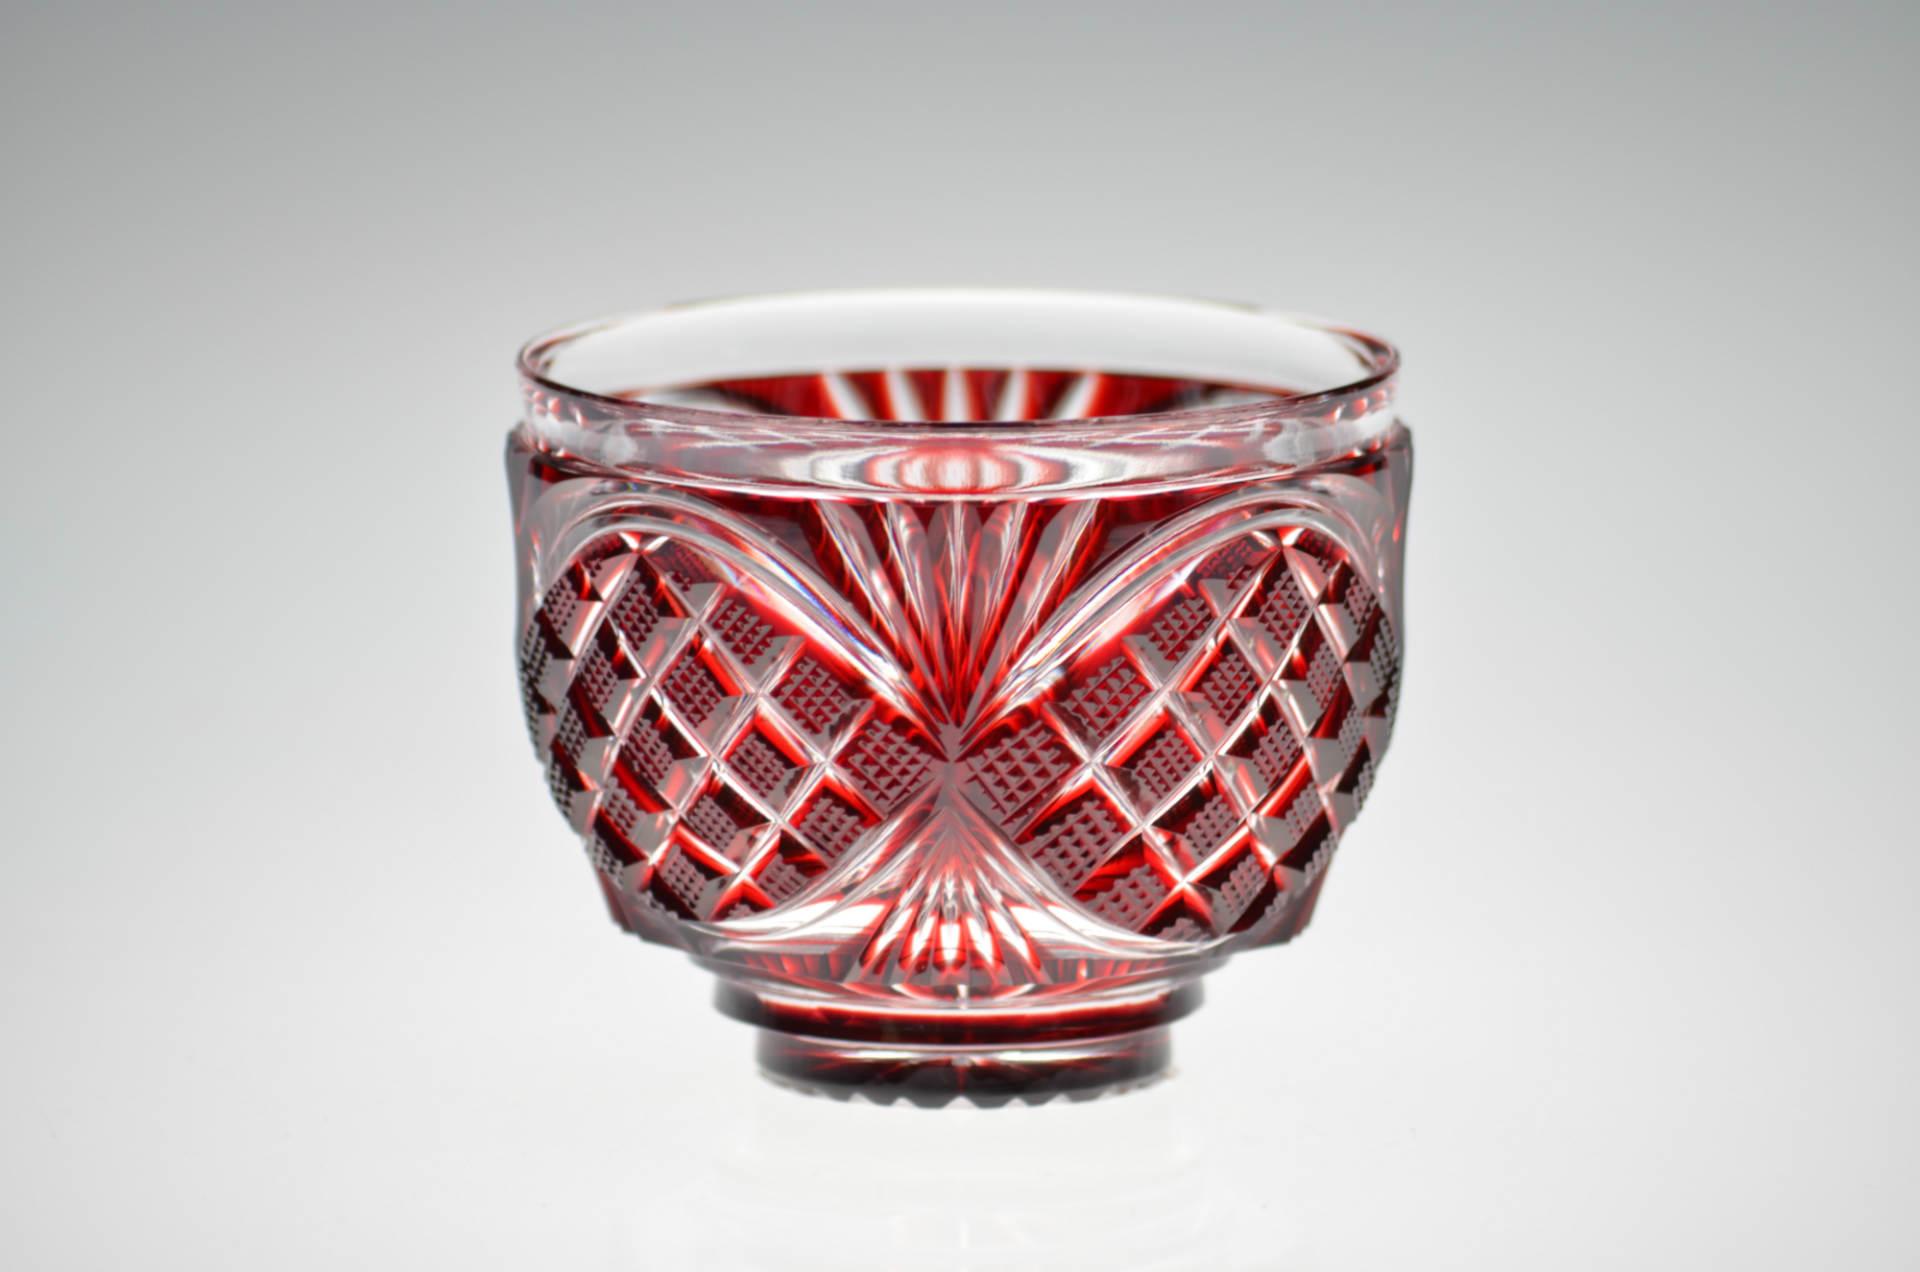 復刻された伝説の「薩摩の紅ガラス」